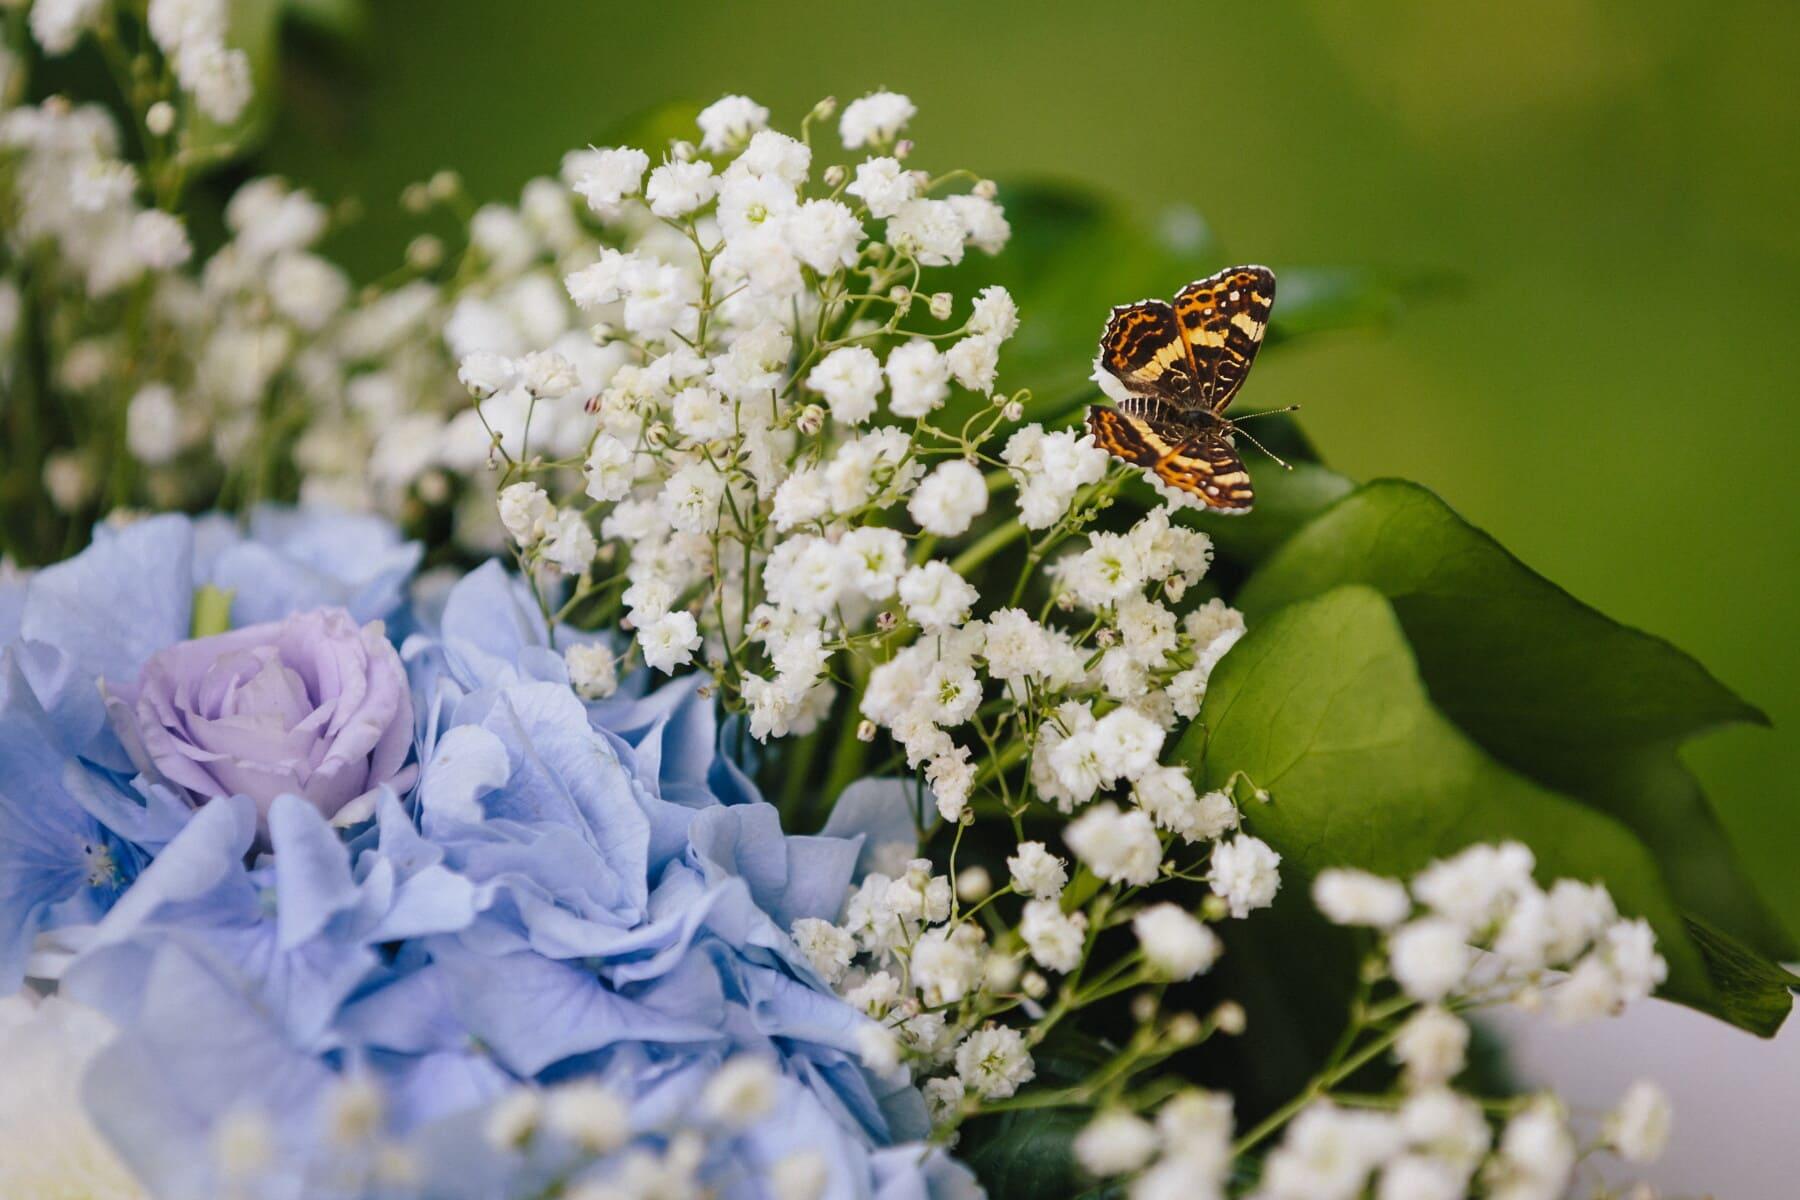 пеперуда, опрашващи, пеперуда цвете, лилаво, рози, цвете, растителна, цвят, билка, цветя